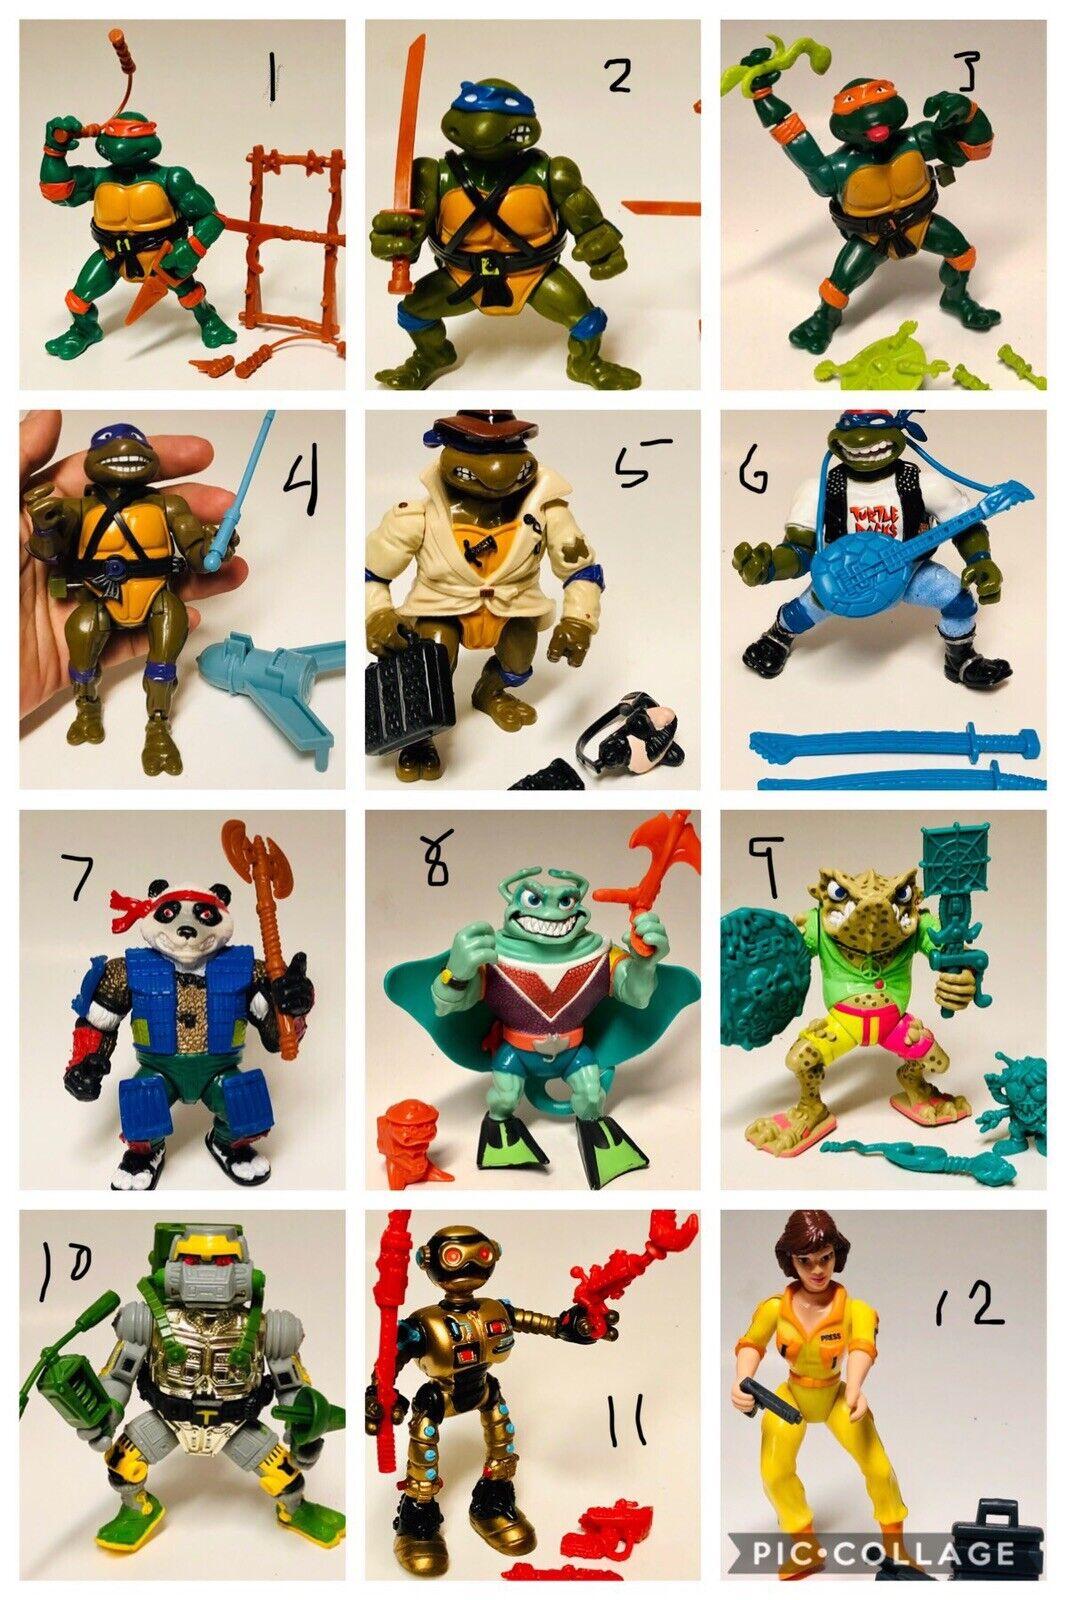 12 Vintage Playmates Teenage Mutant Ninja Turtle Figures & Weapons Fr. d 80's